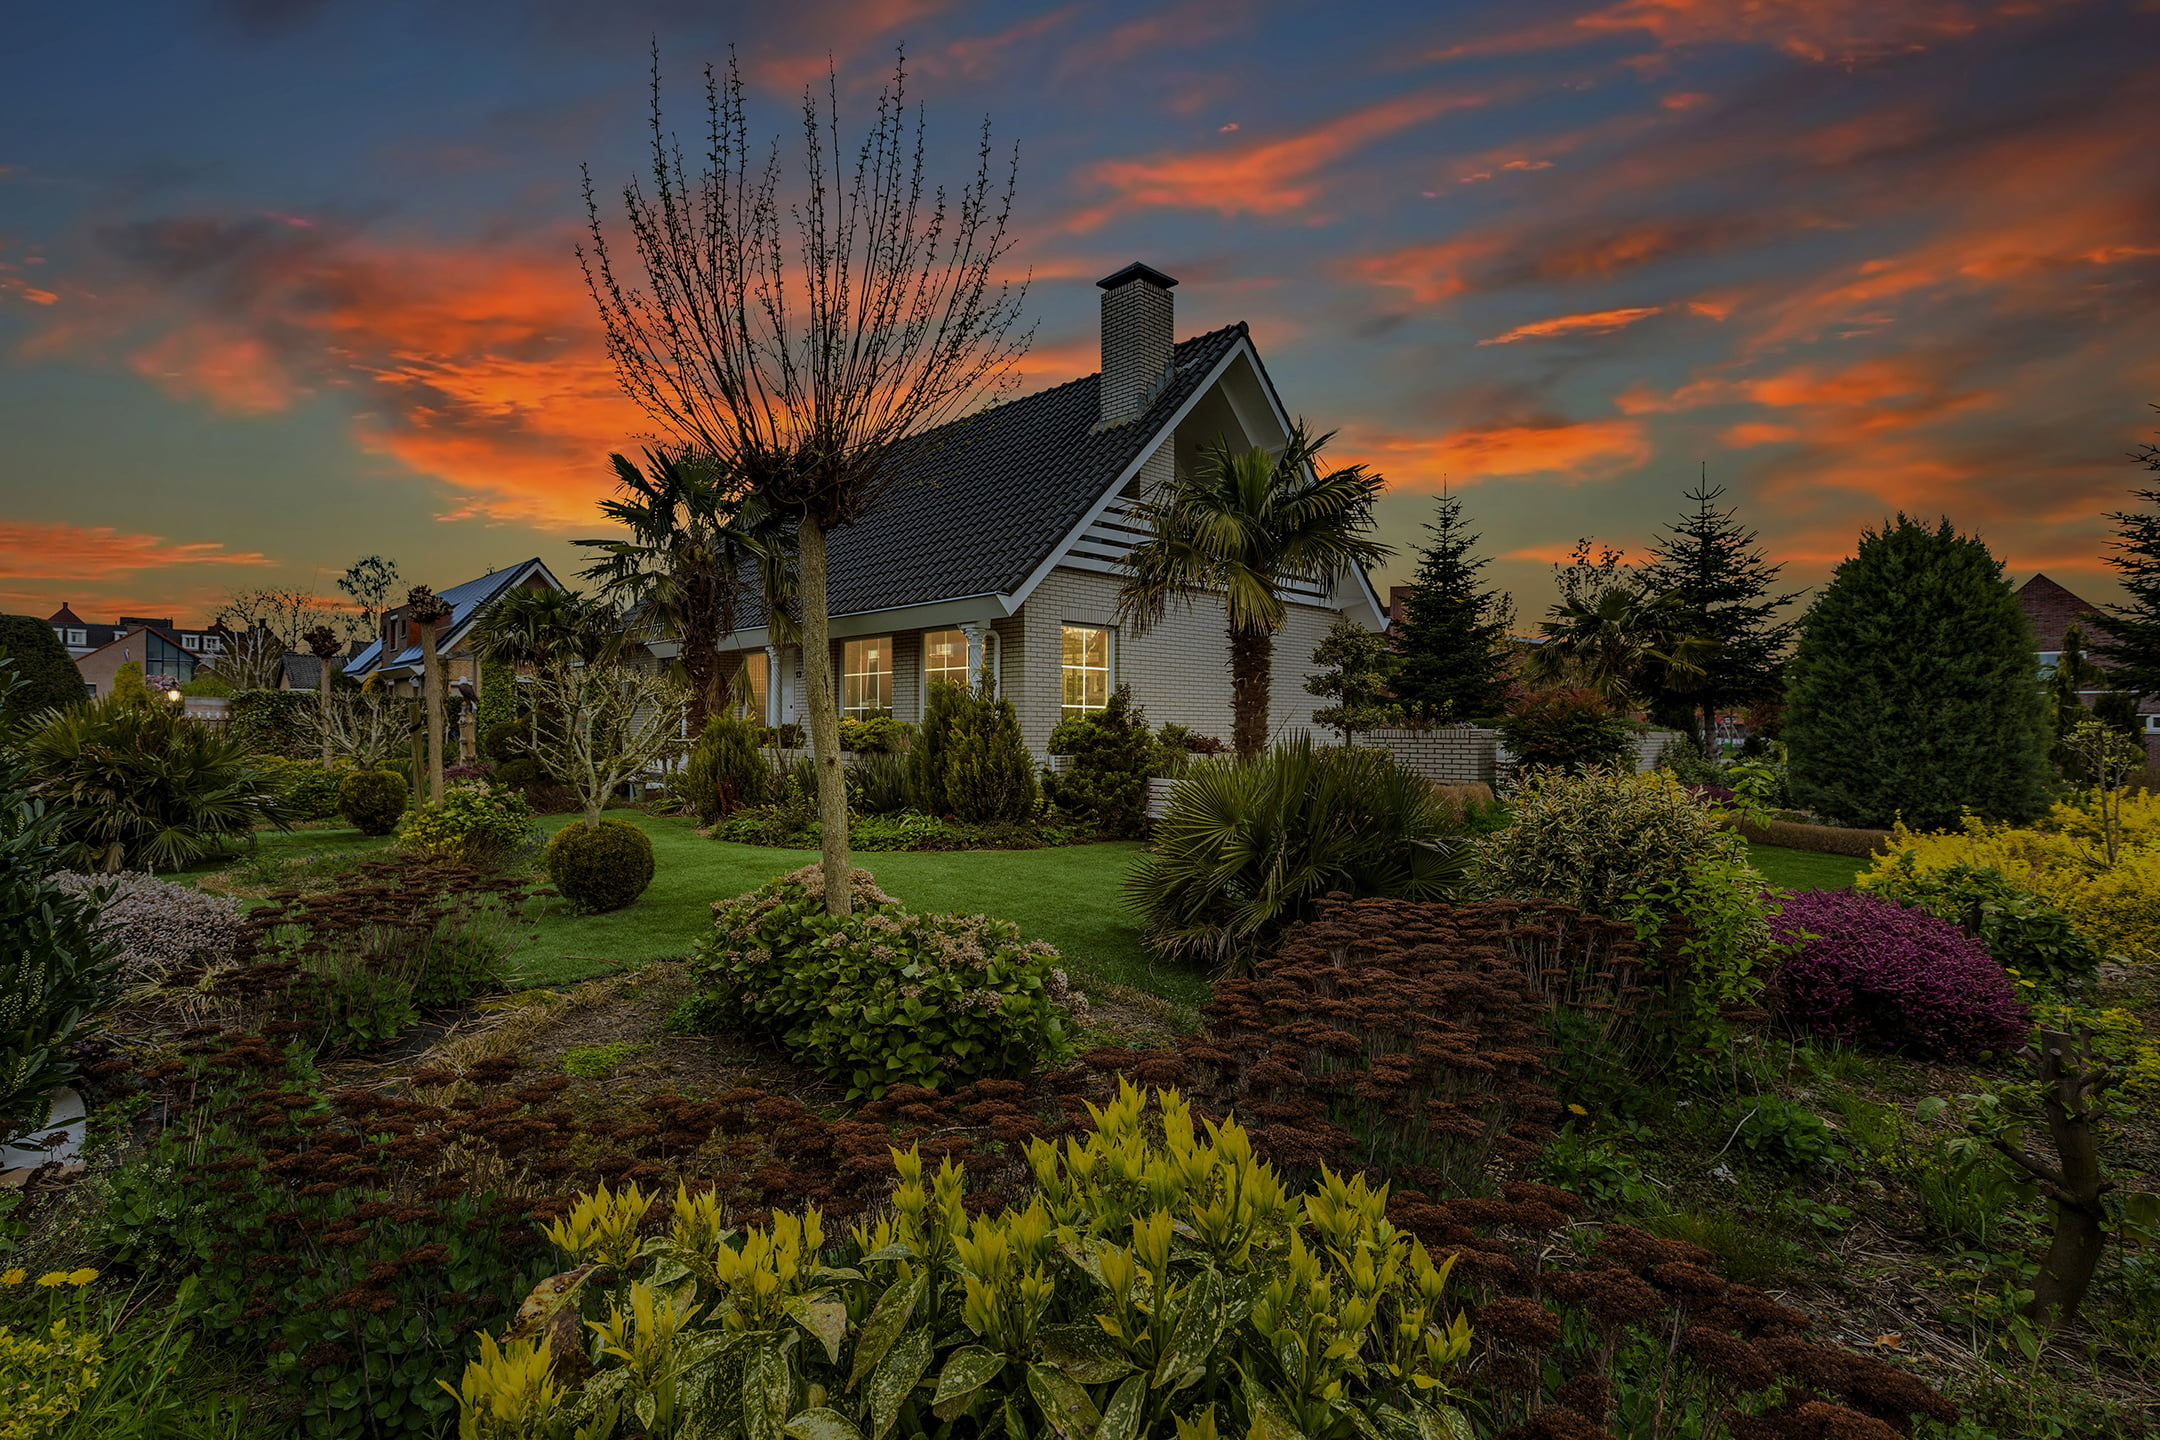 avondrood foto van een huis